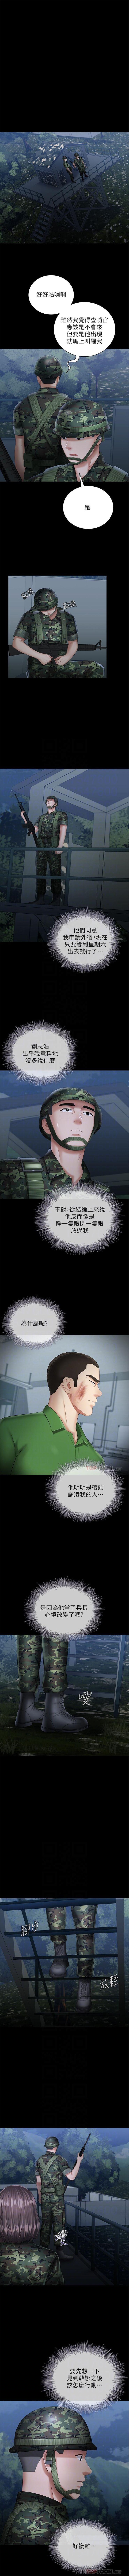 妹妹的義務 1-38 官方中文(連載中) 198